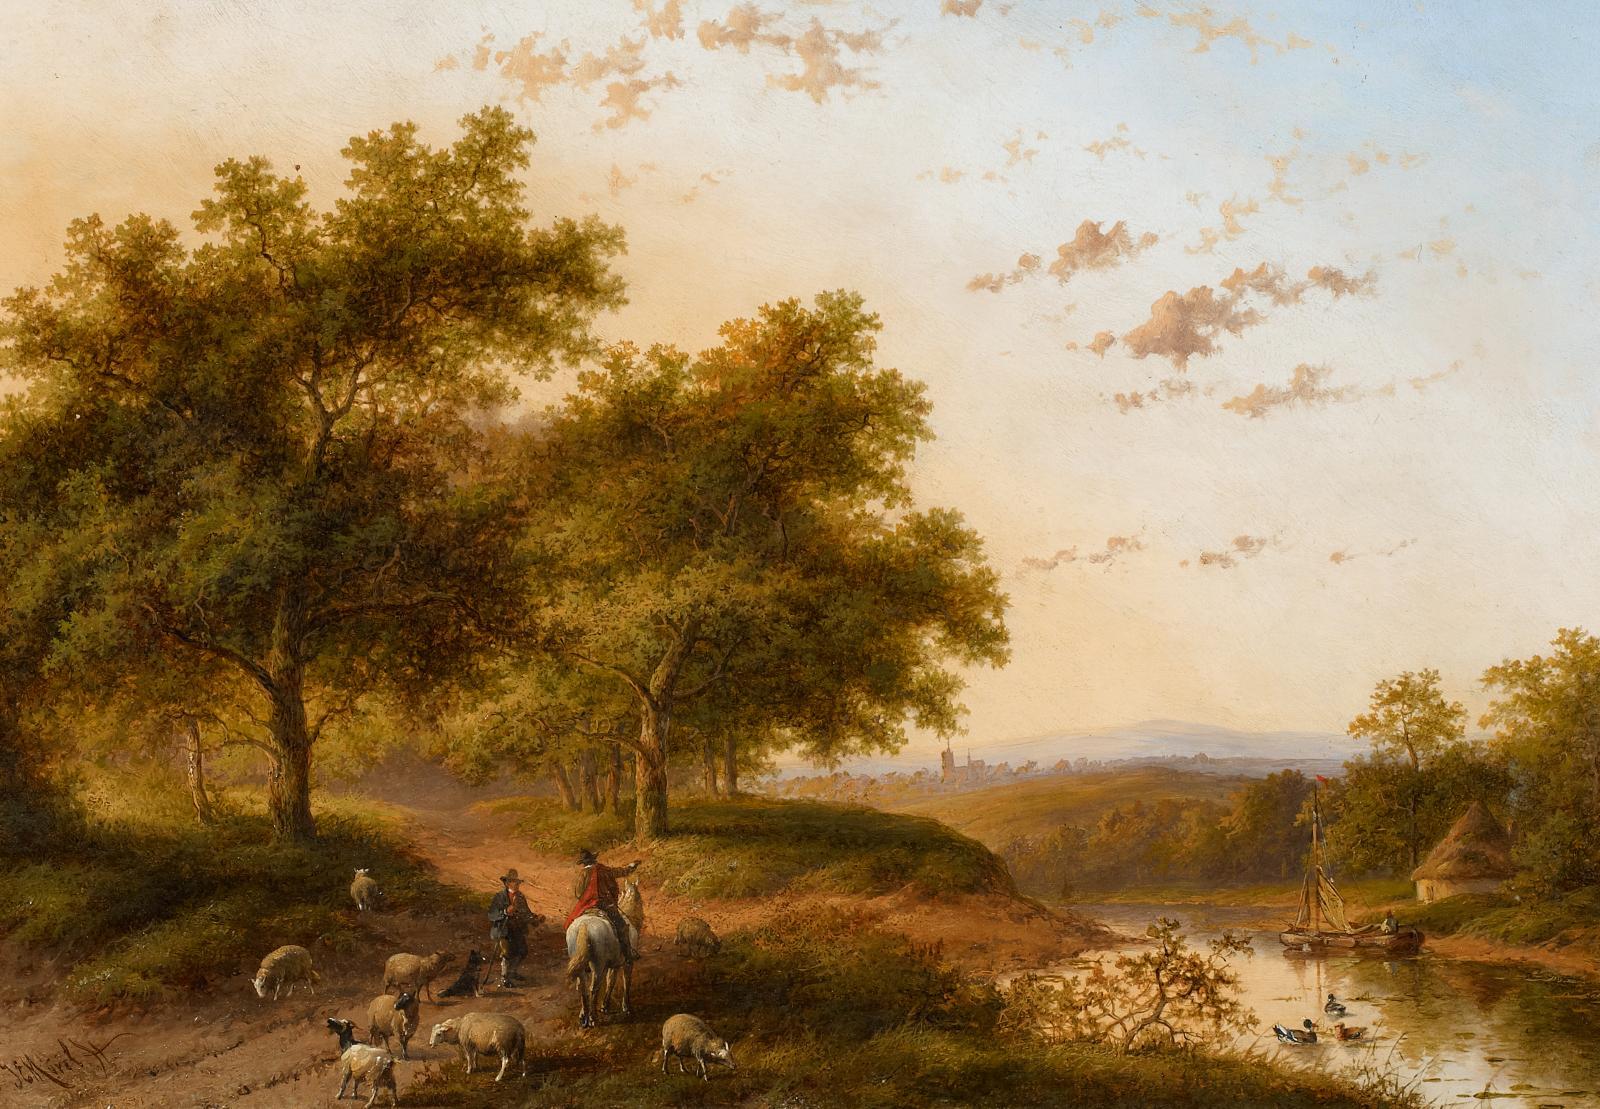 Sommerliche Landschaft am Waldrand von Jan Evert Morel – Kaufen ...